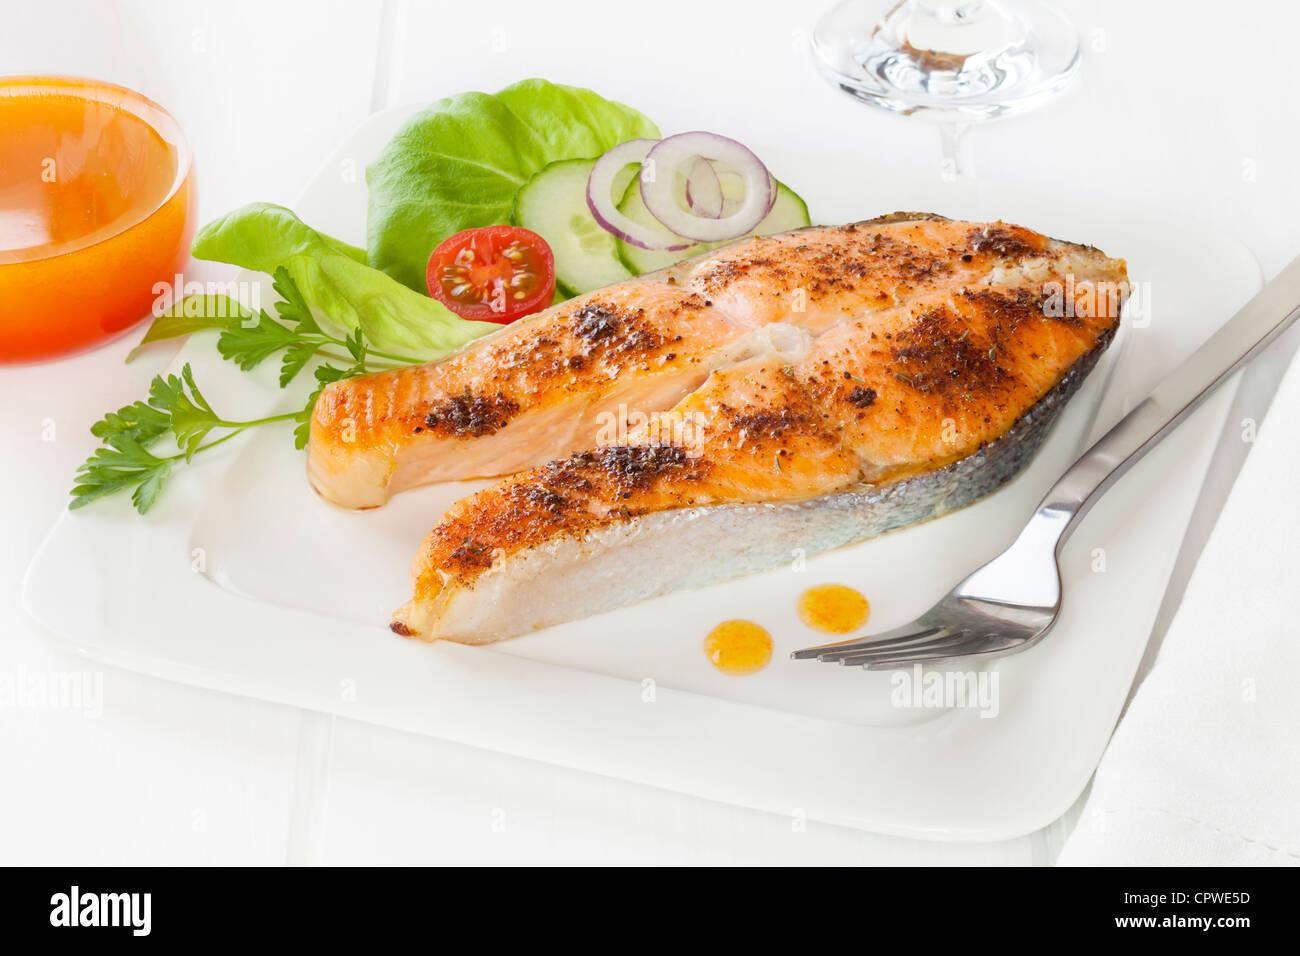 Cajun il salmone con insalata e condimento piccante. A volte chiamato annerite pesce rosso. Immagini Stock